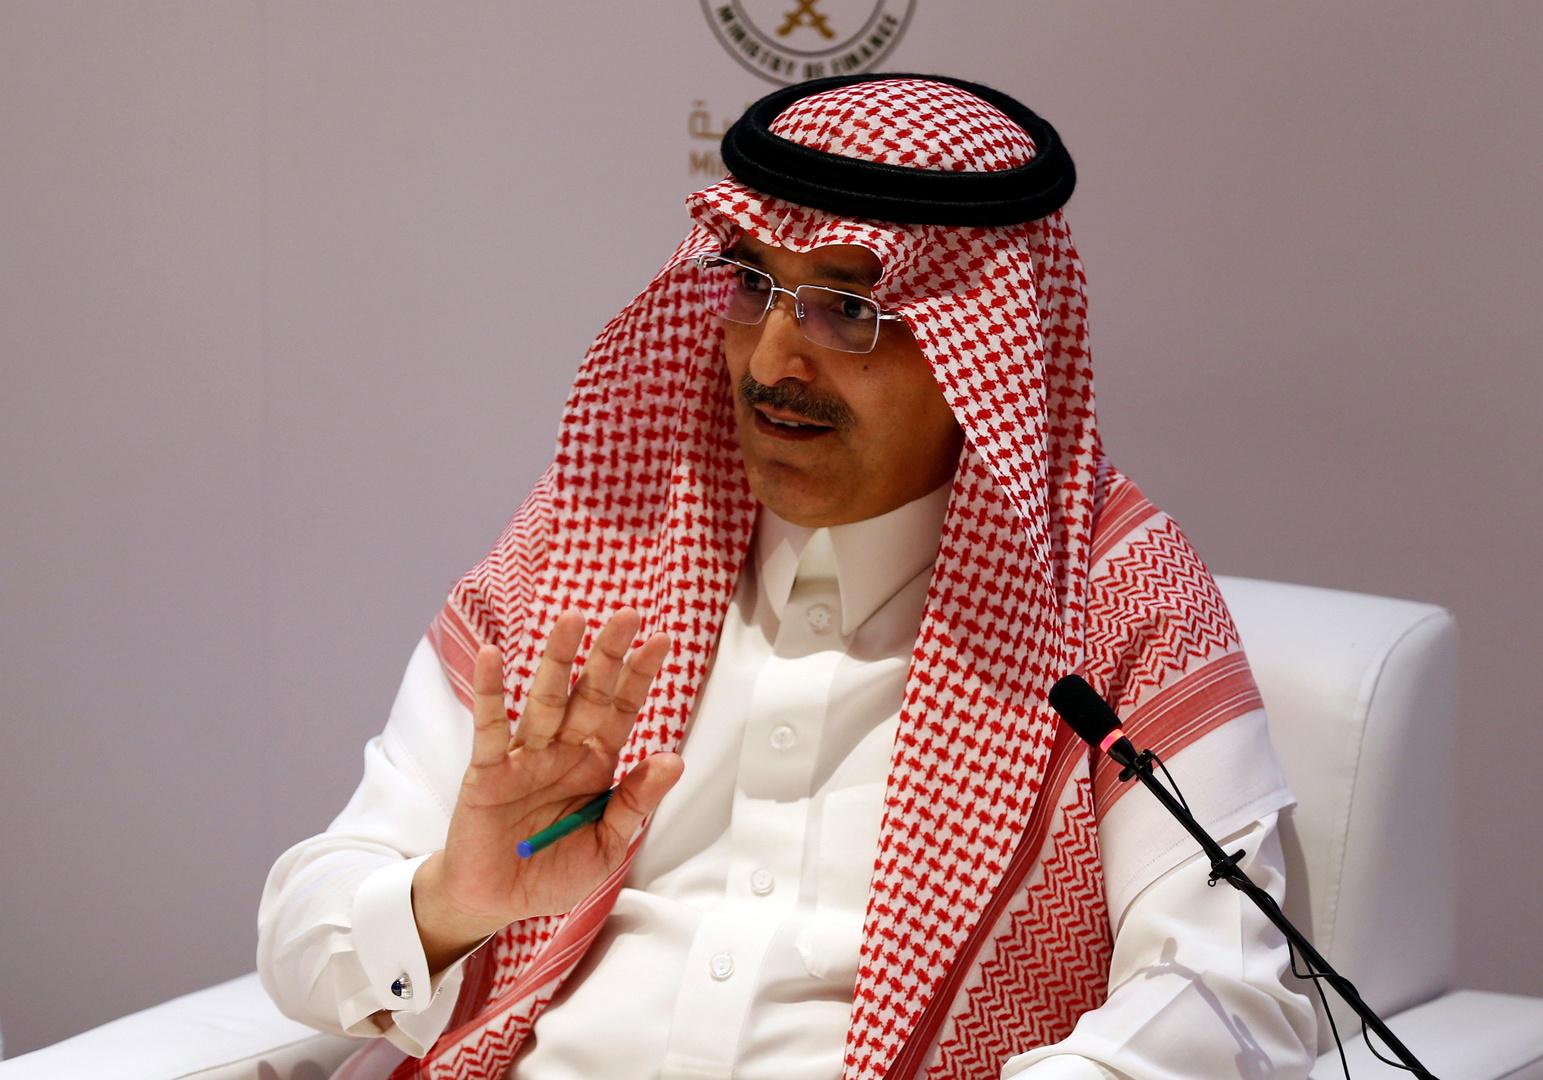 السعودية: حولنا 40 مليار دولار لصندوق الاستثمارات العامة من الاحتياطيات الأجنبية